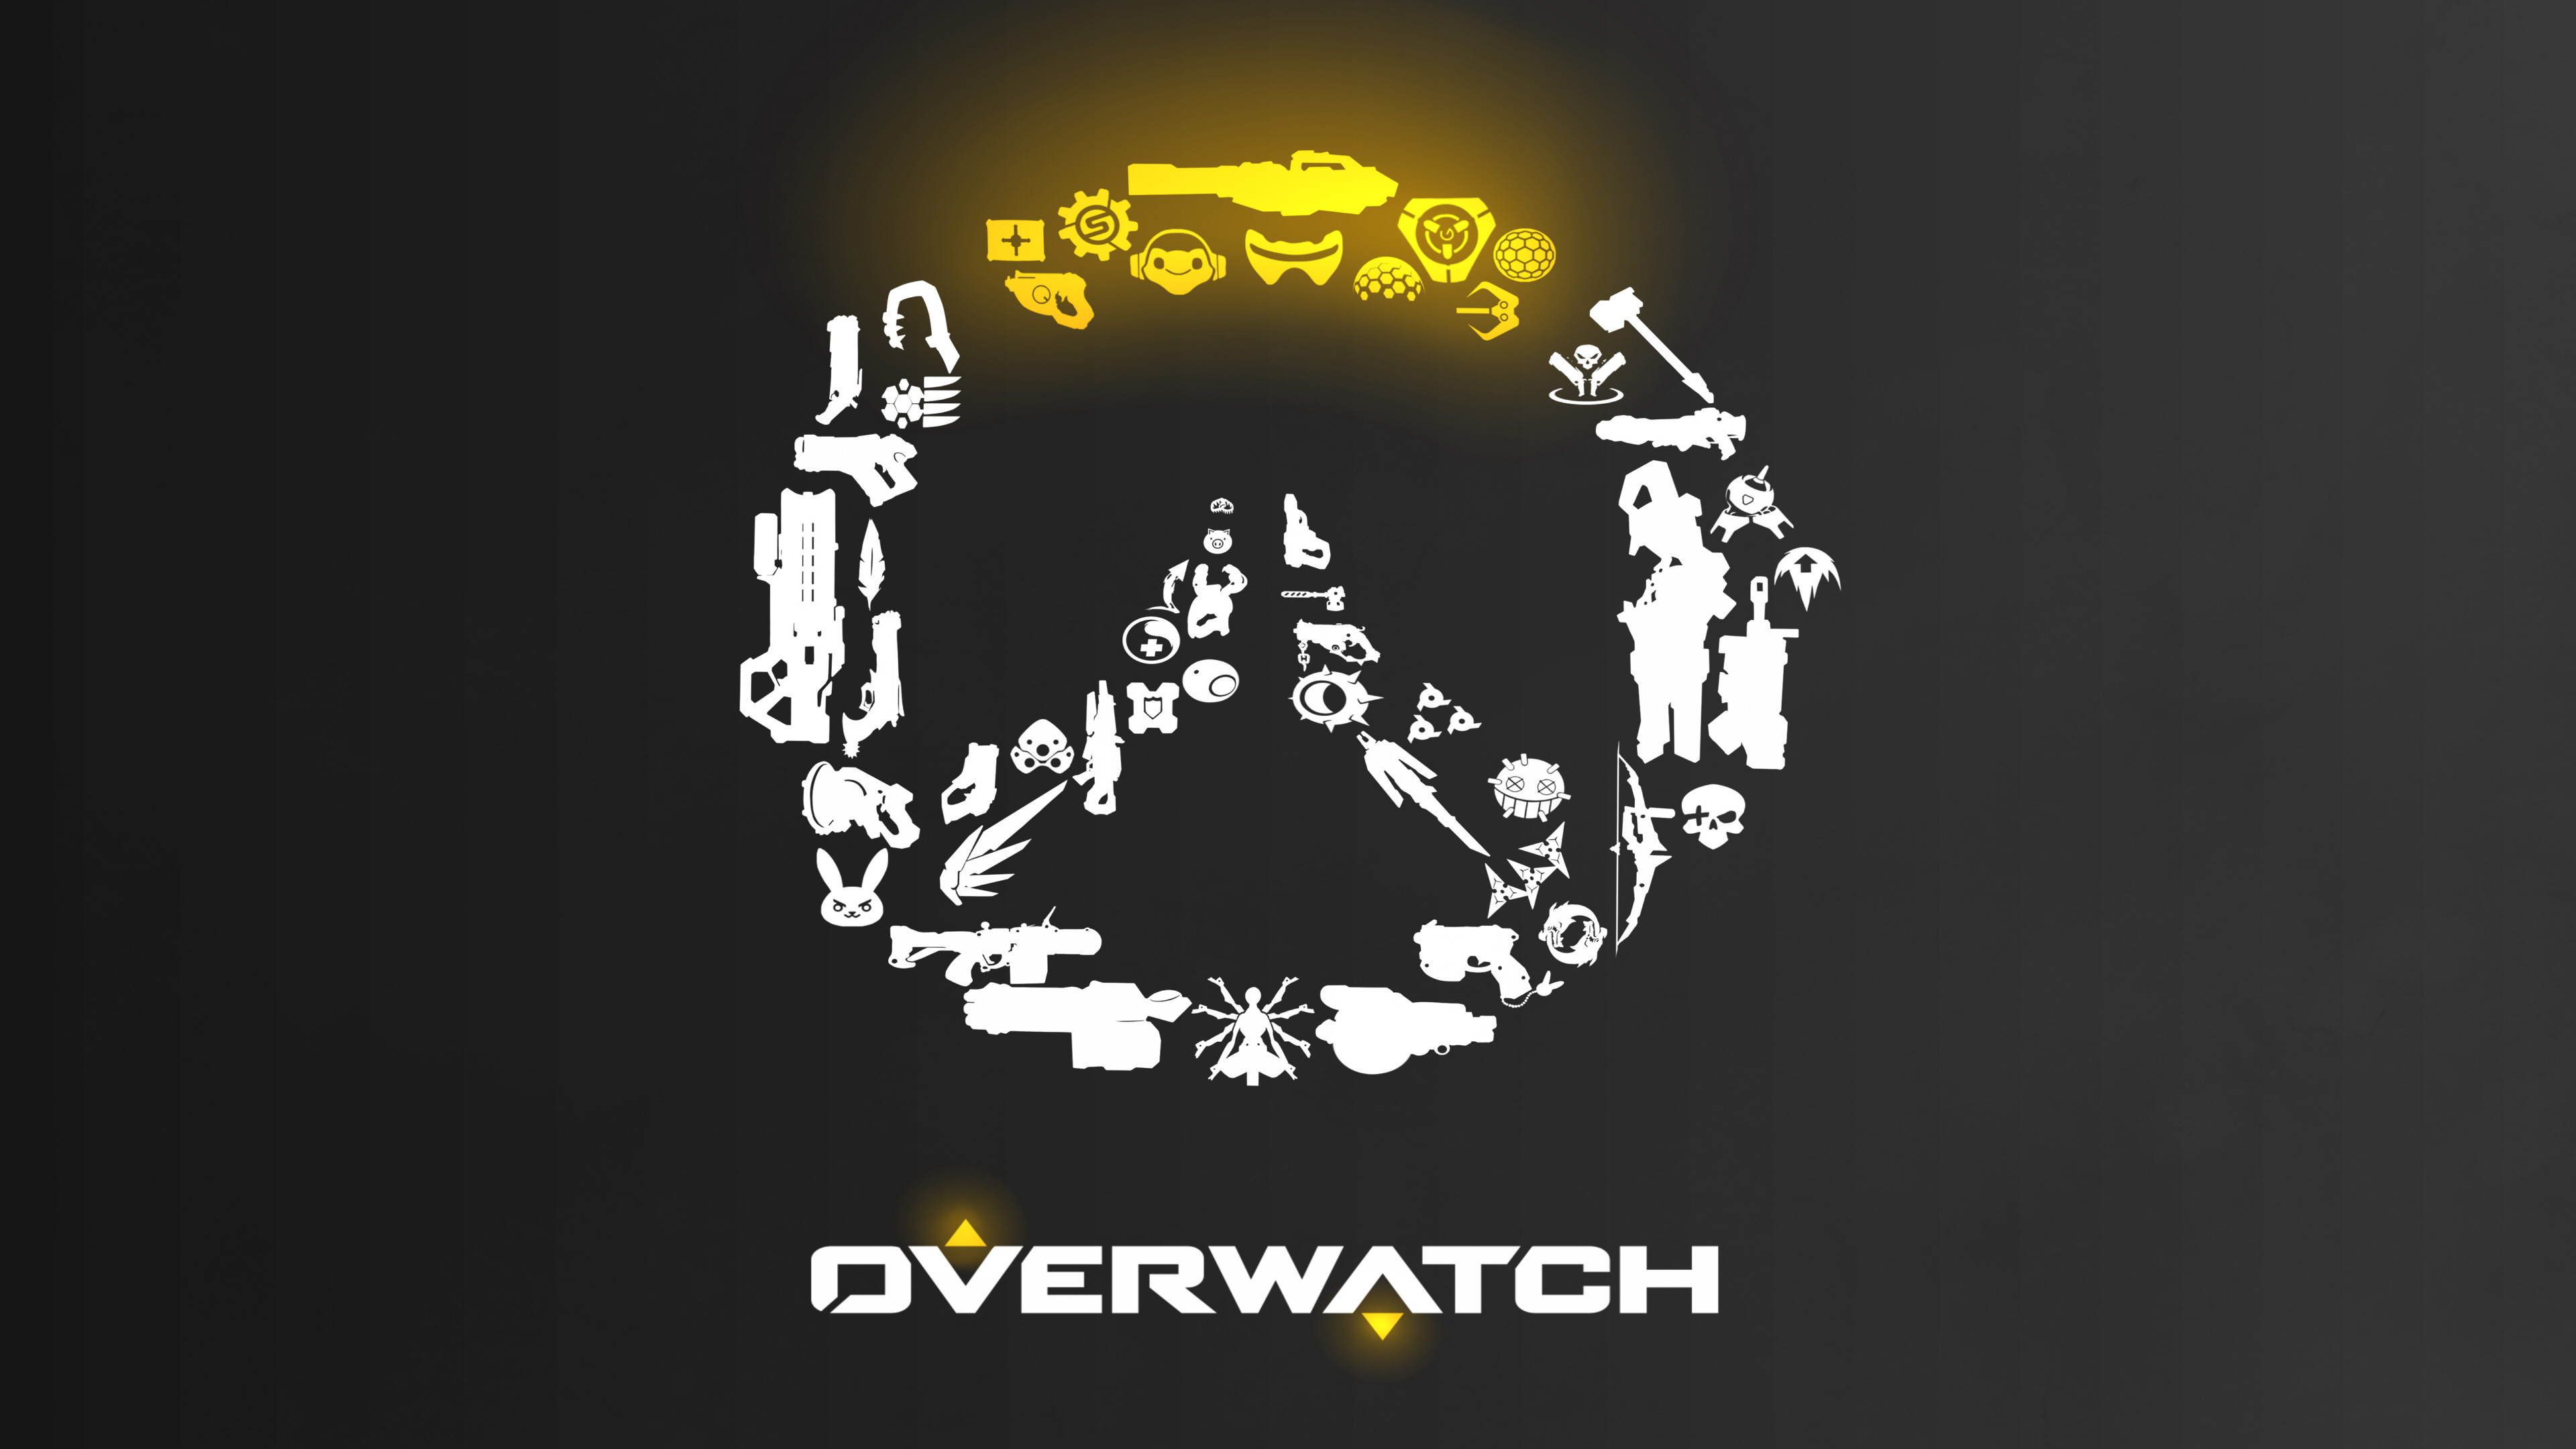 Overwatch Minimalist Clipart.